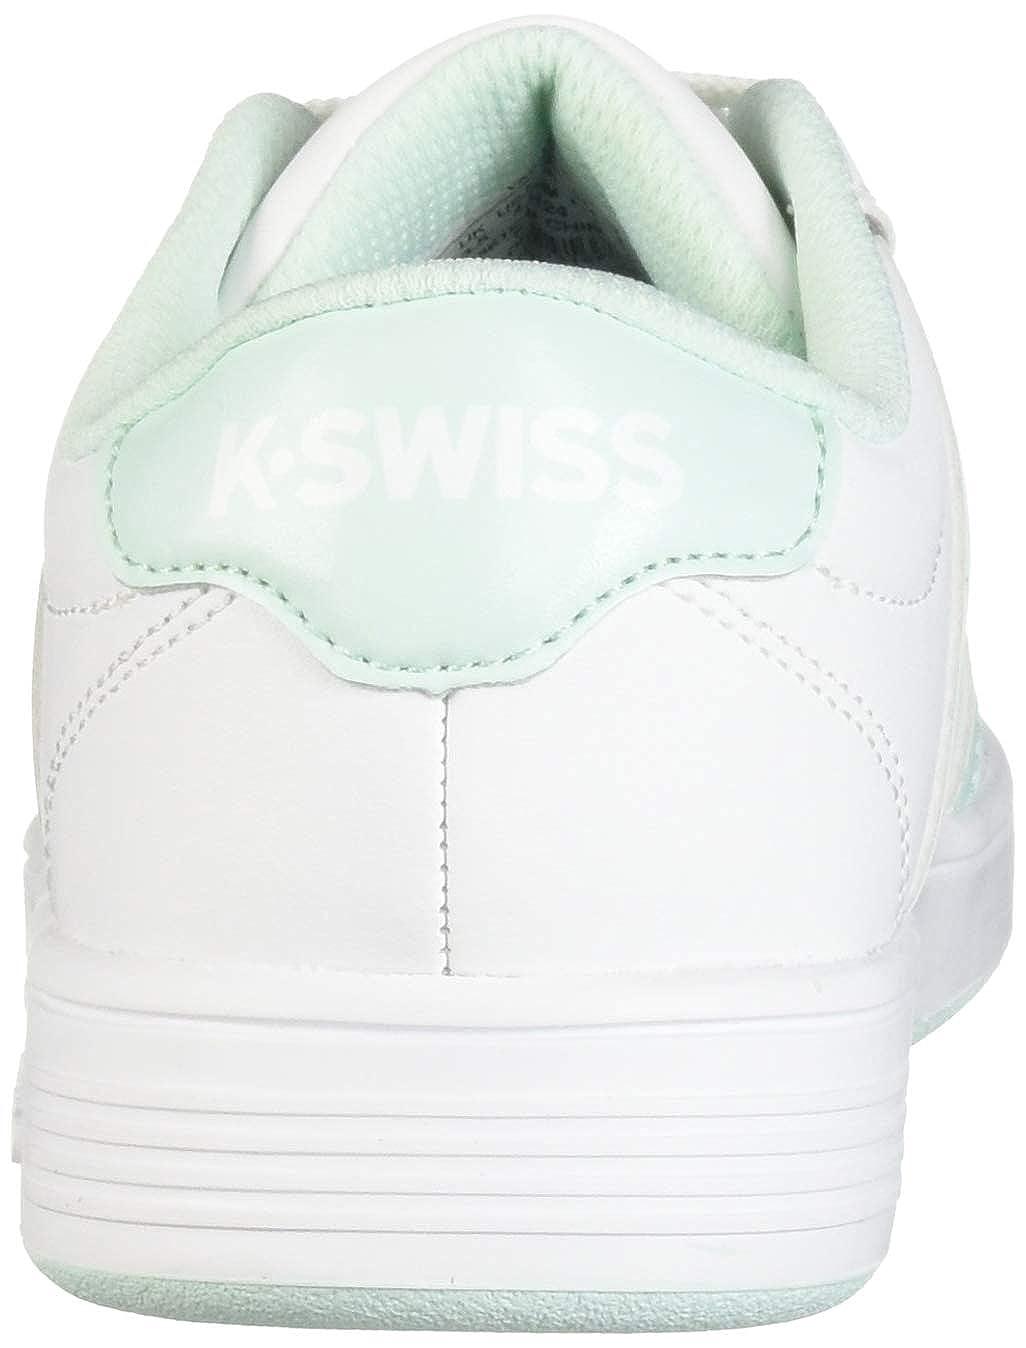 K-Swiss Kids Classic Pro Sneaker